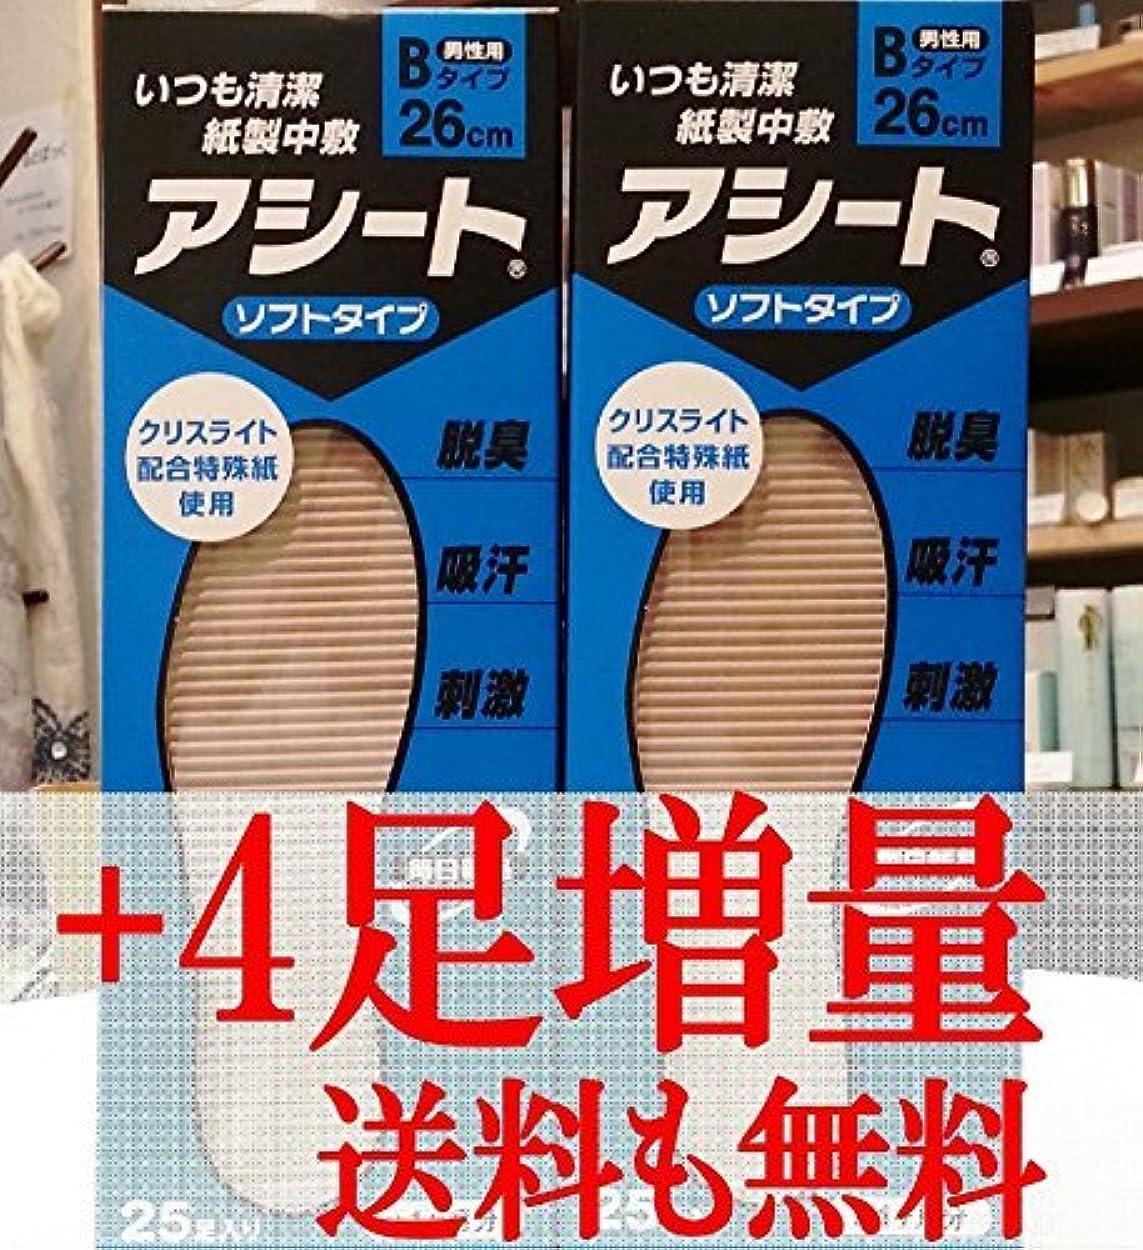 アデレードメルボルンイタリックアシートB 25足入2箱セット+4足増量中(26cm)